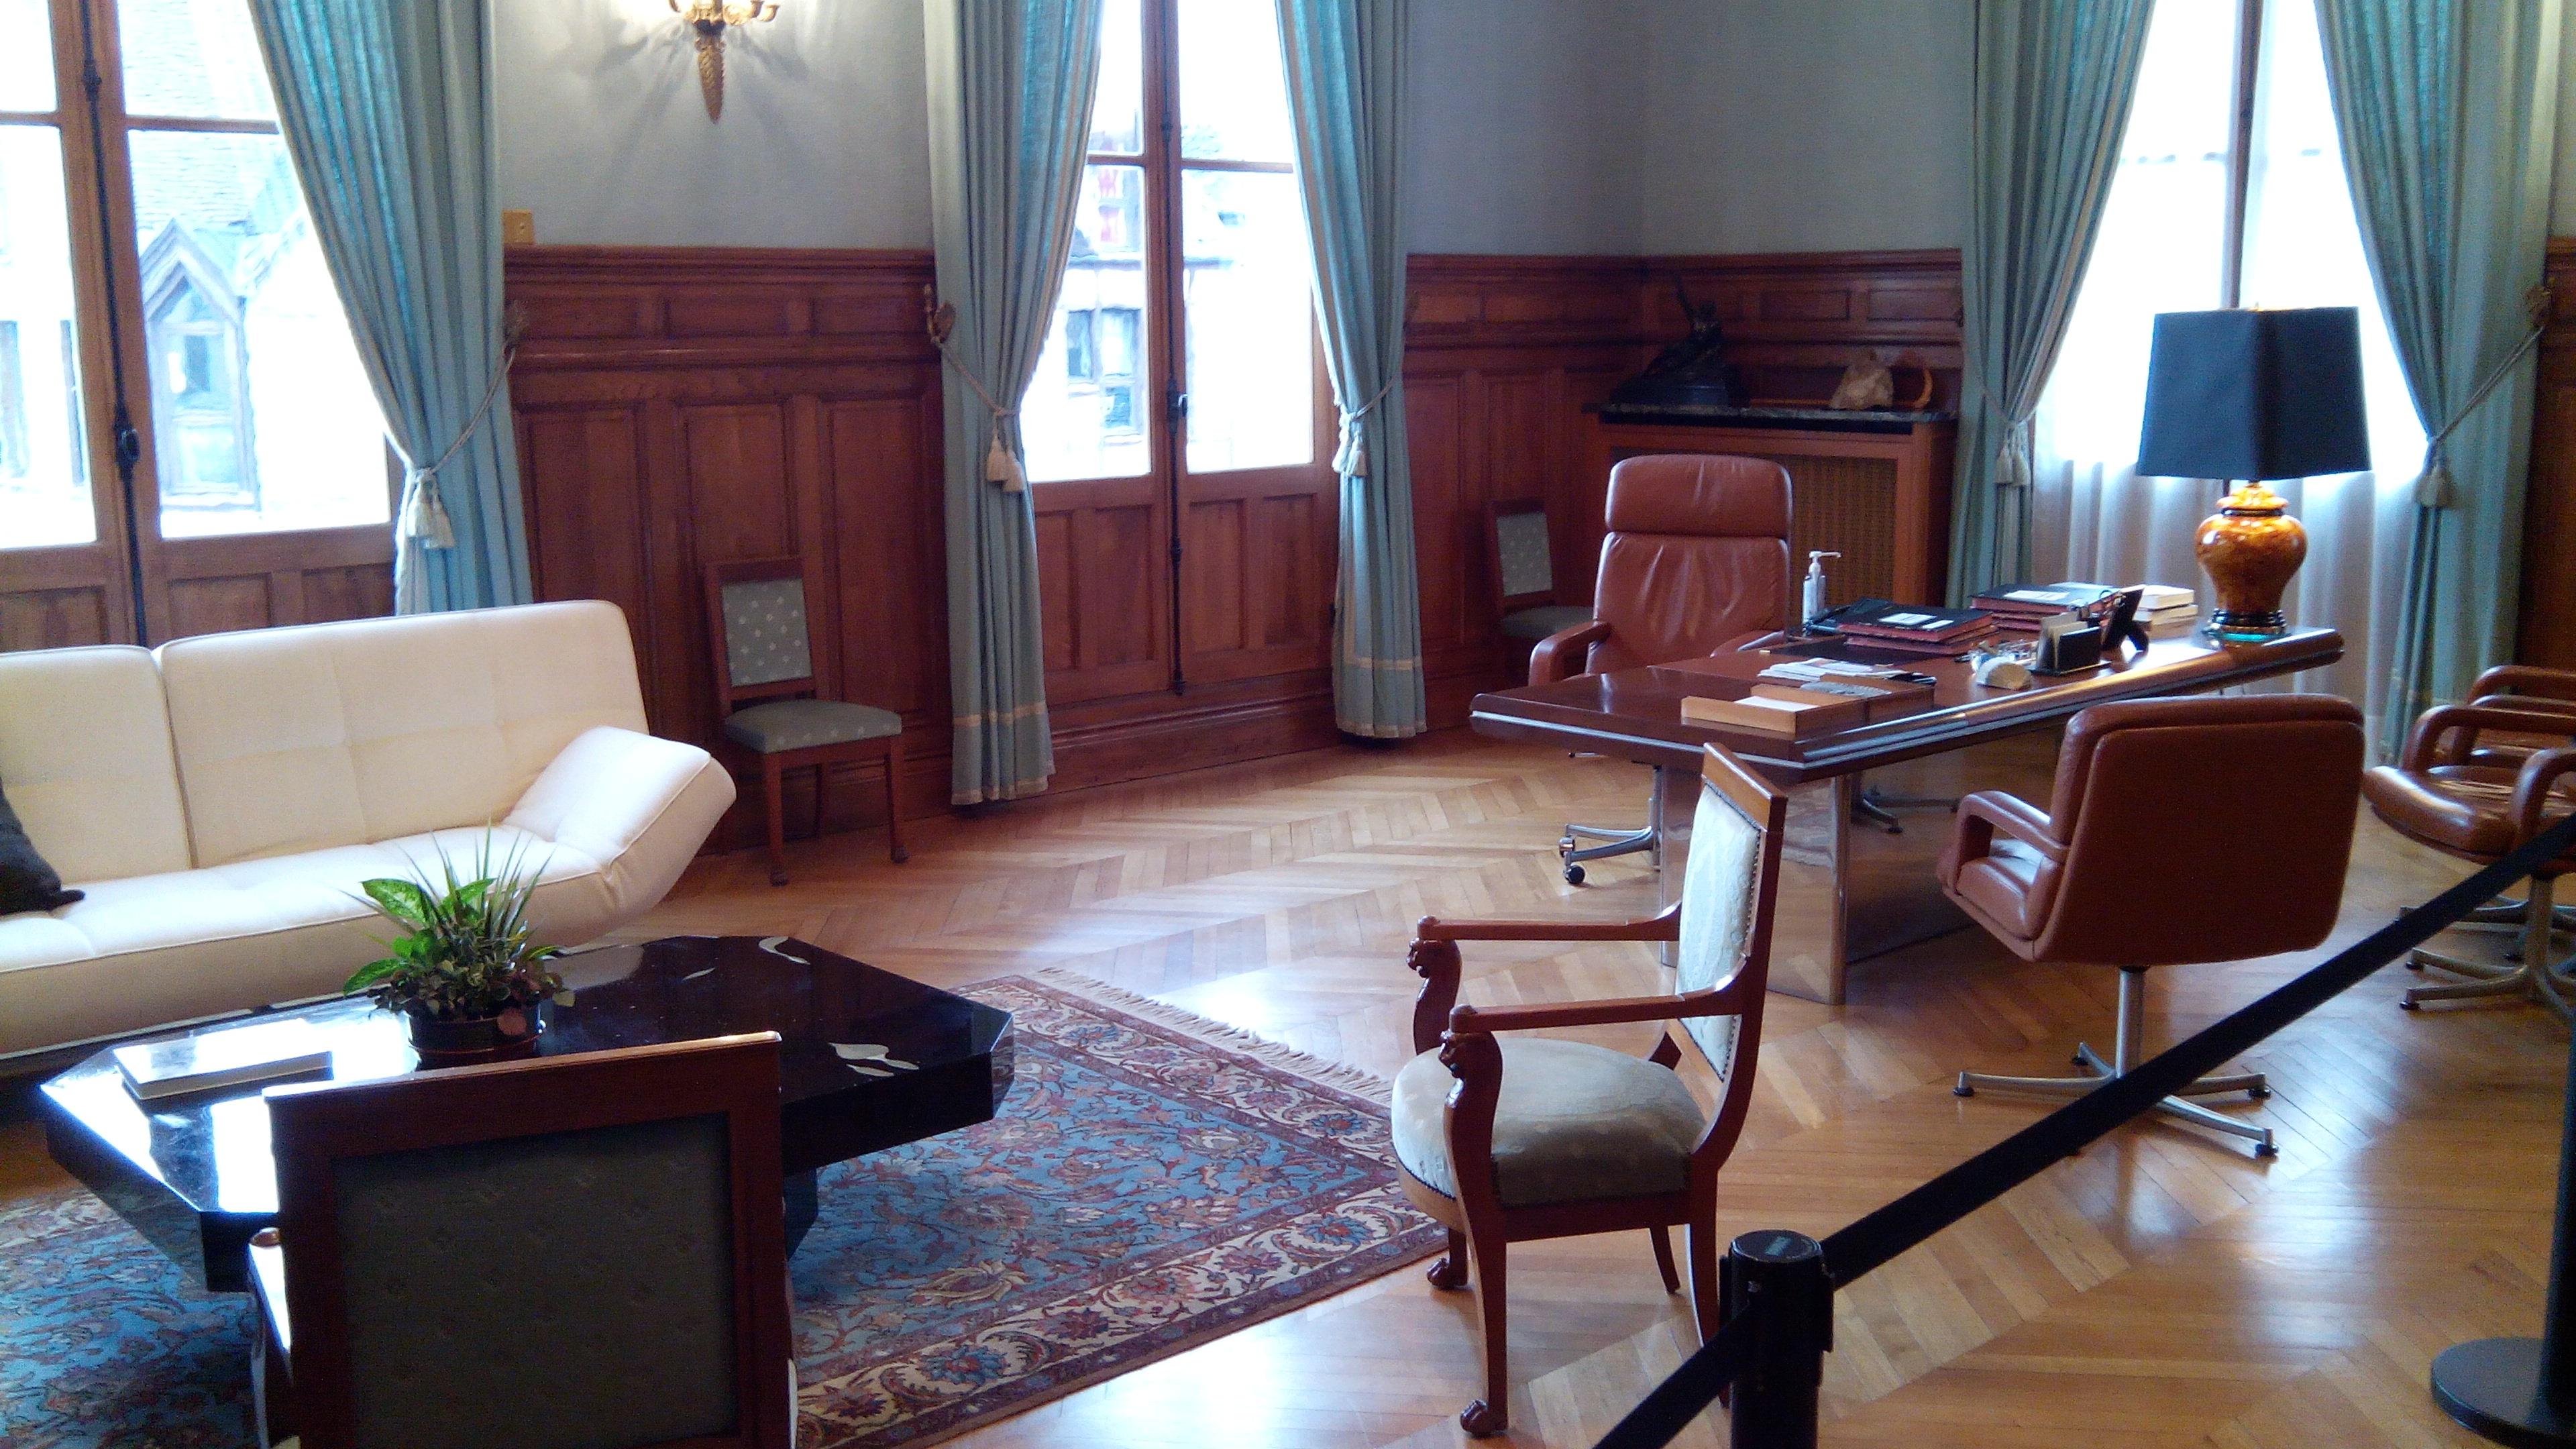 Fichier hôtel de ville de troyes bureau du maire g u wikipédia